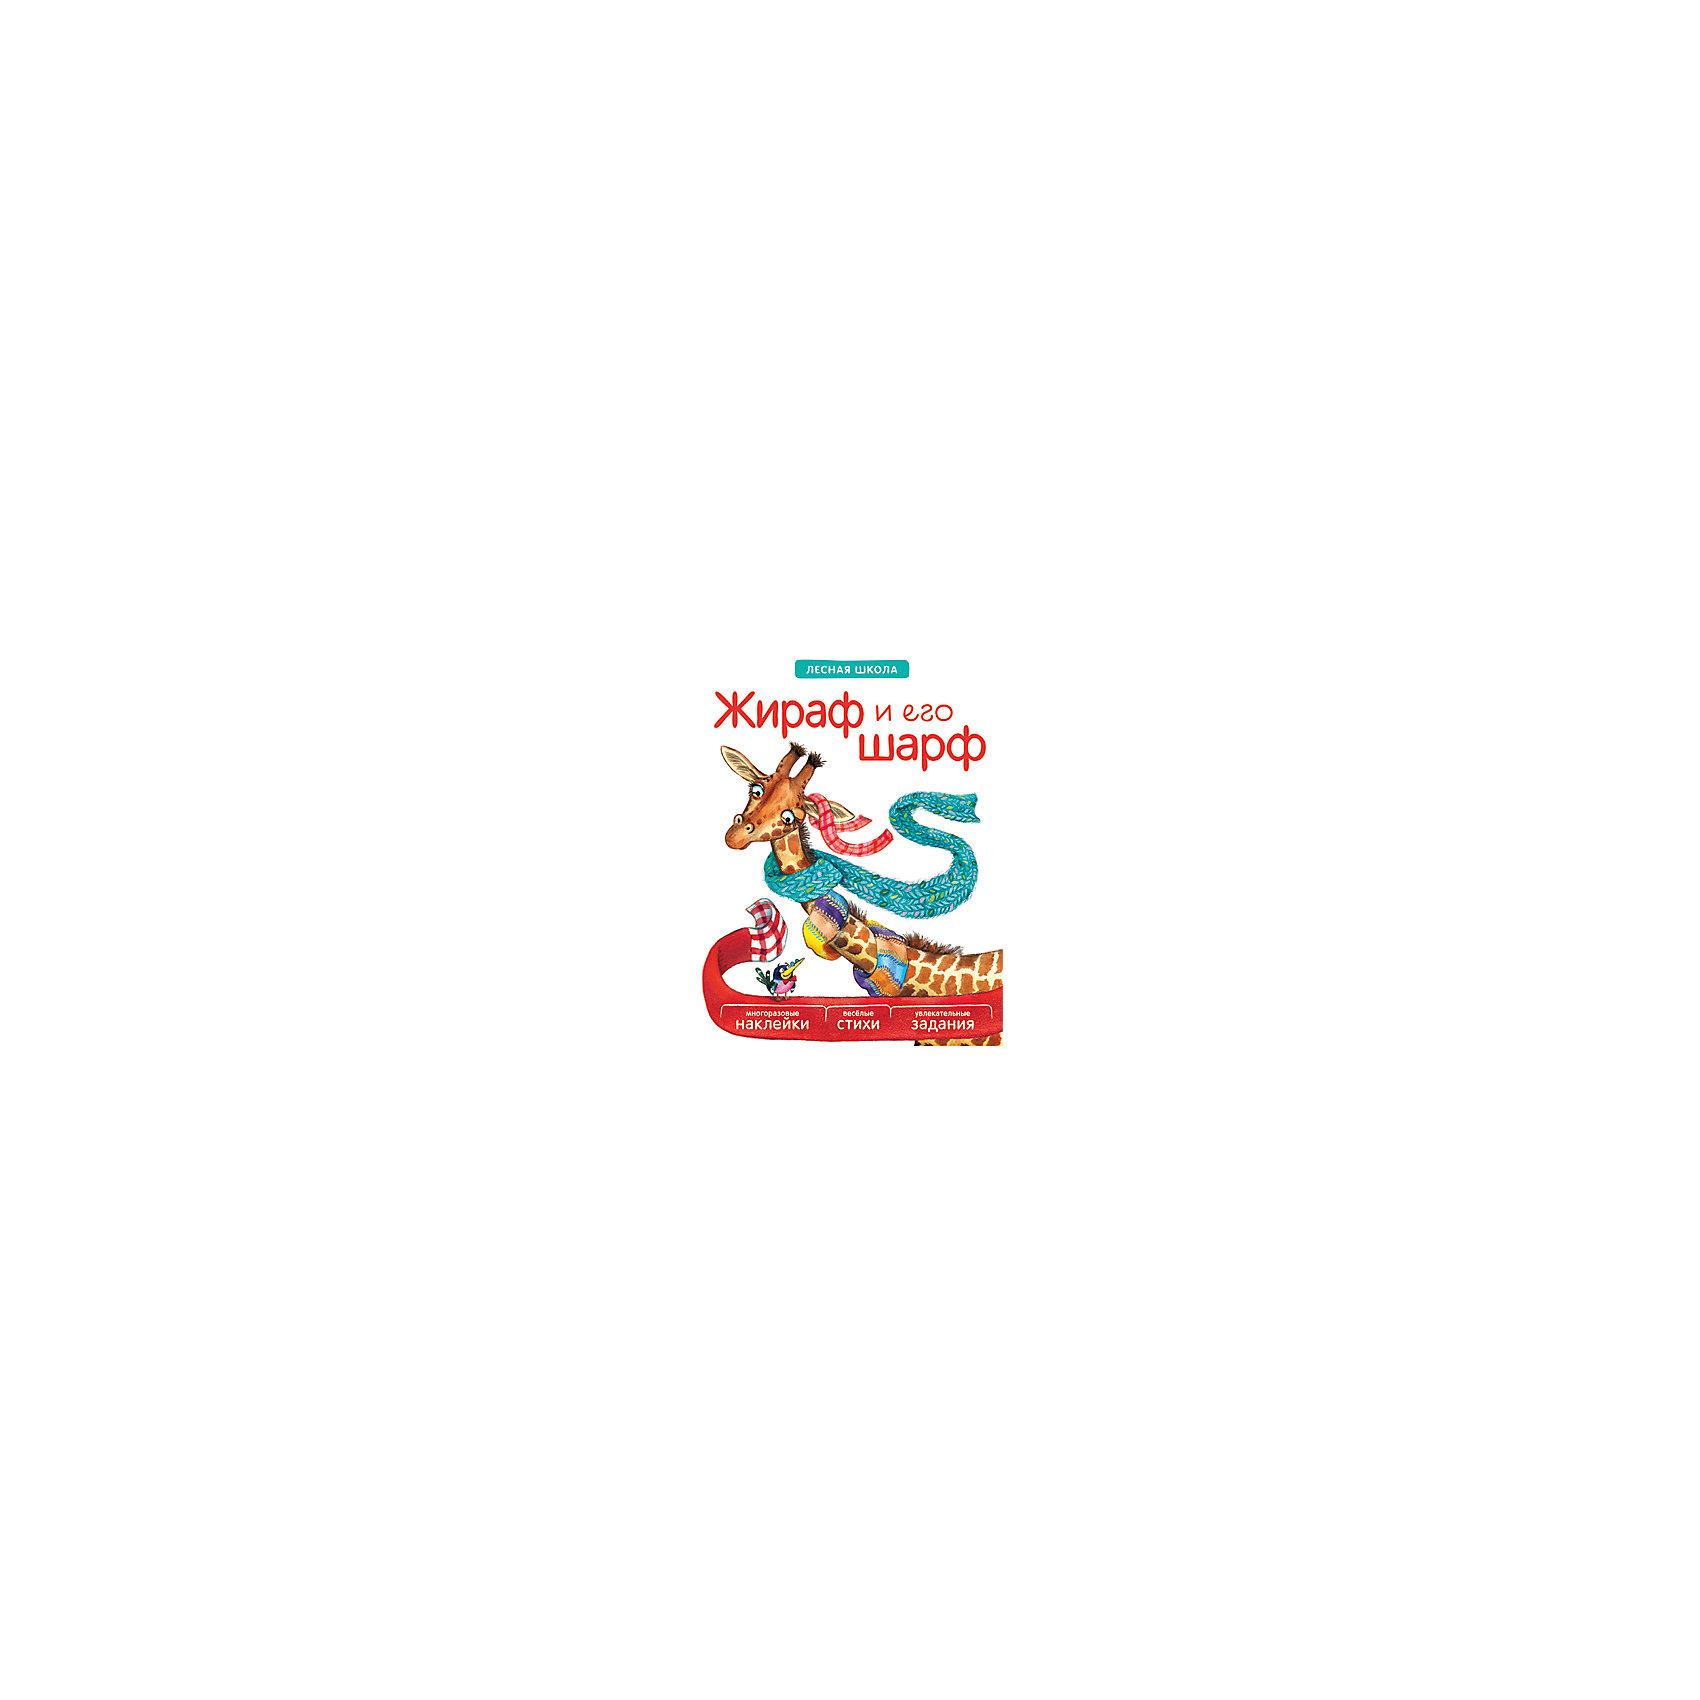 Книга Лесная школа: Жираф и его шарфСтихи<br>Книга «Лесная школа: Жираф и его шарф»<br><br>Характеристики:<br>• издательство: Мозаика-Синтез;<br>• размер: 20х26 см.;<br>• количество страниц: 18;<br>• тип обложки: мягкая;<br>• иллюстрации: цветные;<br>• ISBN: 9785431509421;<br>• вес: 89 г.;<br>• для детей в возрасте: от 4 до 7 лет;<br>• страна производитель: Россия.<br>Развивающая книжка с наклейками из серии «Лесная школа» предназначена для занятий с детьми и раскрытия темы антонимов. Книга с яркими рисунками на всю страницу наполнена стихотворениями, интересными заданиями и подразумевает использование наклеек из комплекта. Интересная история о жирафе позволит ребёнку выучить популярные антонимы, а также принимать участие по ходу рассказа с помощью наклеек и заданий. Наклейки из набора качественно проработаны и могут быть наклеены несколько раз. Занимаясь с этой книжкой дети смогут развивать мелкую моторику рук, логическое мышление, чувство цвета, творческие способности. Слушая сказки и отвечая на вопросы дети развивают память, словарный запас, учатся правильно формировать и строить предложения, запоминают основные правила русского языка.<br>Книгу «Лесная школа: Жираф и его шарф» можно купить в нашем интернет-магазине.<br><br>Ширина мм: 20<br>Глубина мм: 195<br>Высота мм: 255<br>Вес г: 89<br>Возраст от месяцев: 48<br>Возраст до месяцев: 84<br>Пол: Унисекс<br>Возраст: Детский<br>SKU: 5562630